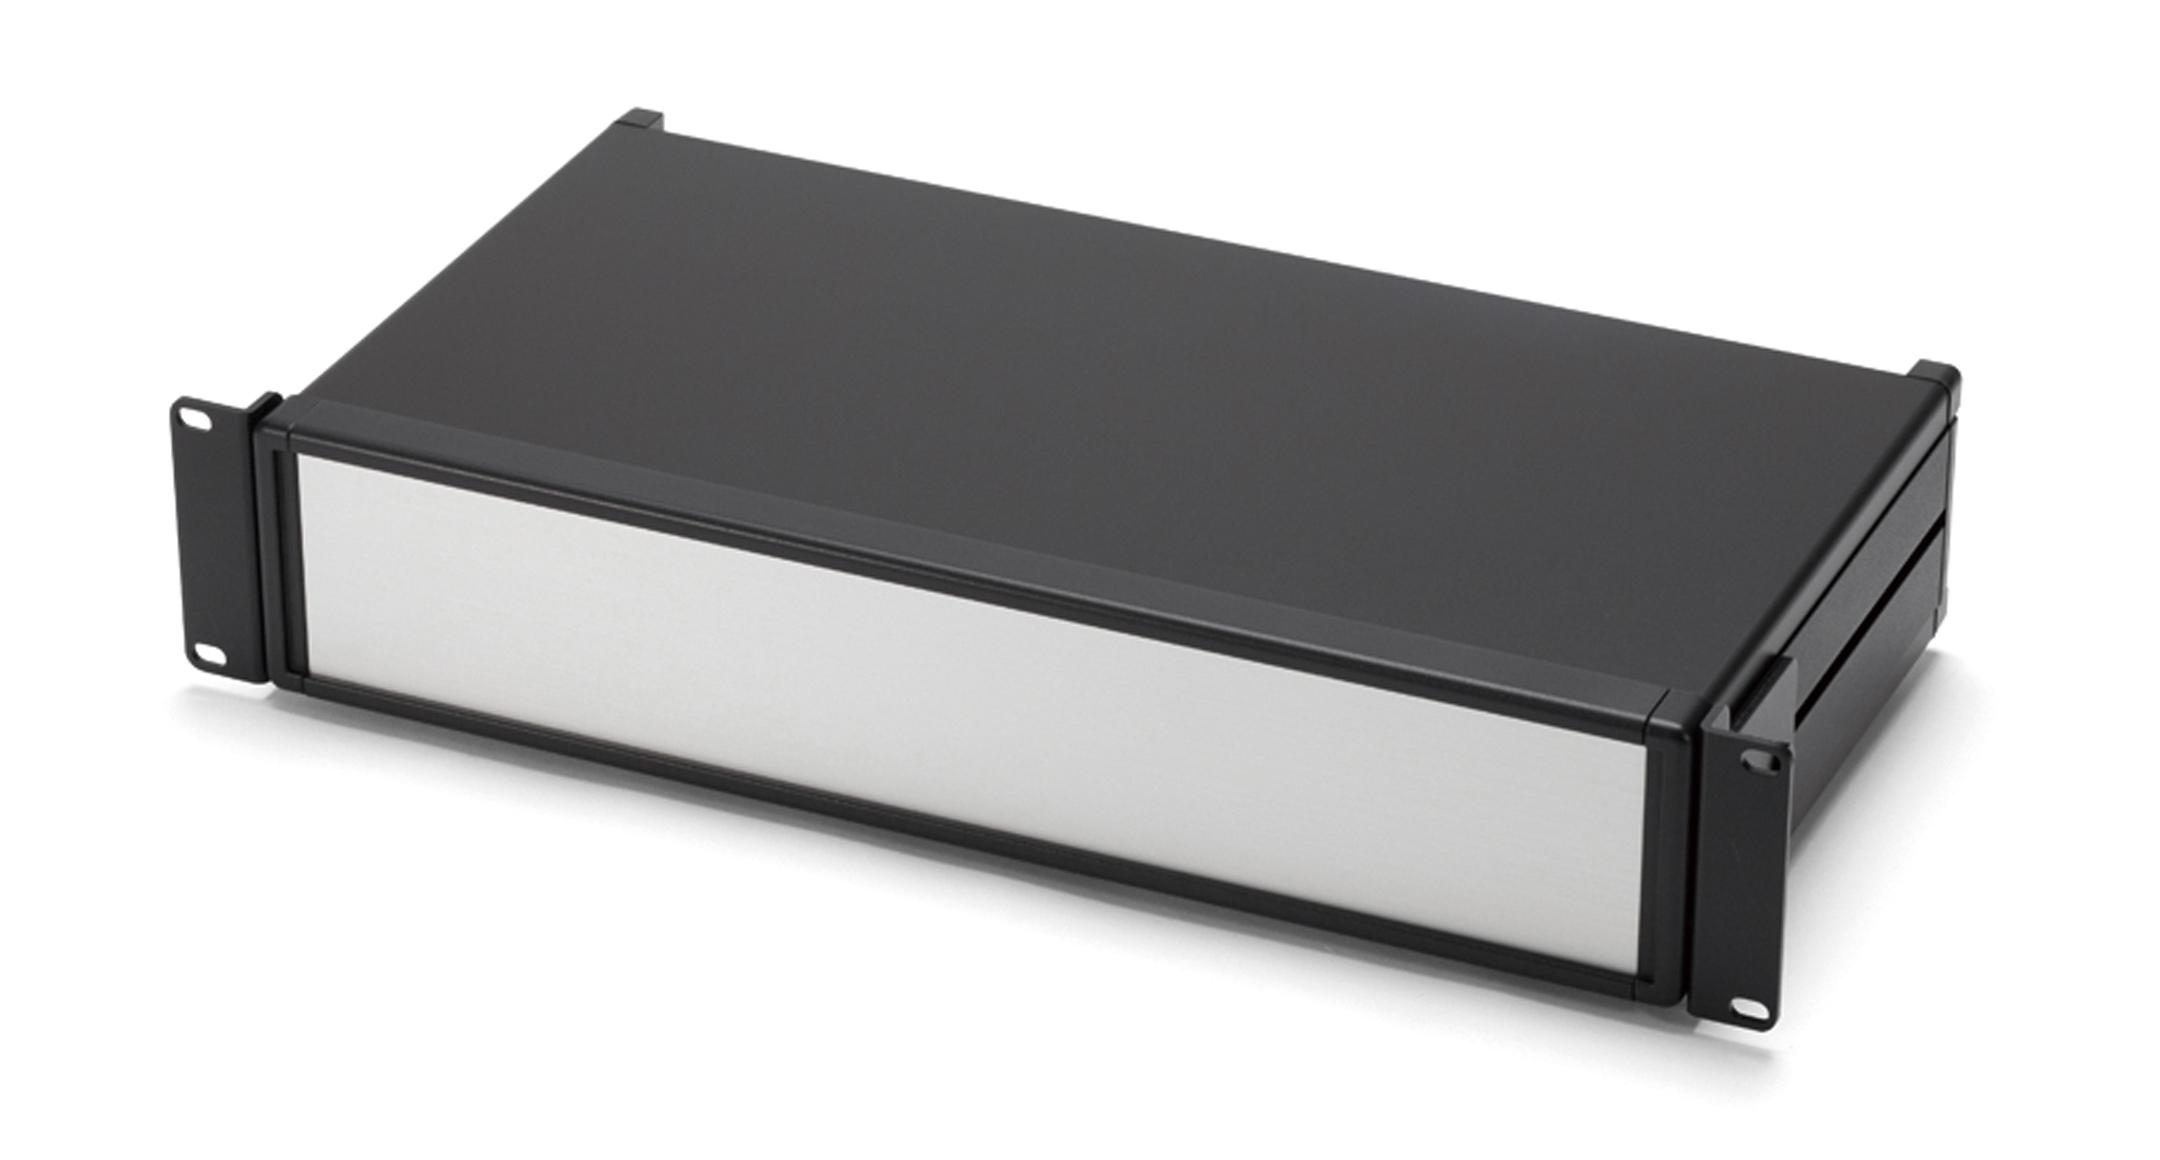 アルミシステムラックケース MORシリーズ(上下カバーアルミ製):ブラック/シルバーの画像